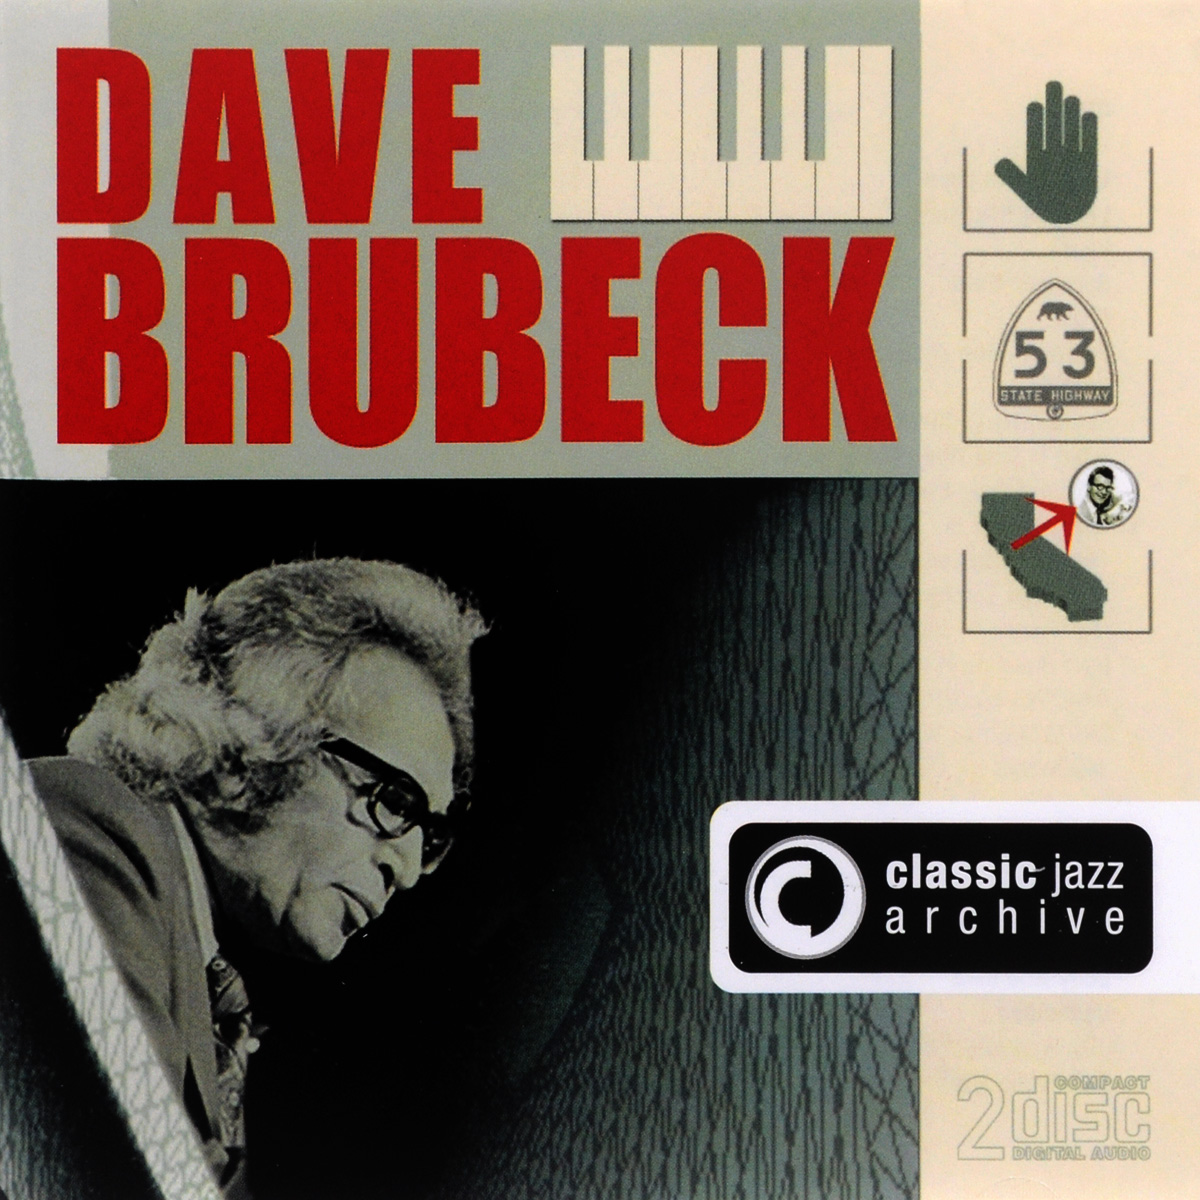 Дэйв Брубек Dave Brubeck. Classic Jazz Archive (2 CD) late night jazz 2 cd